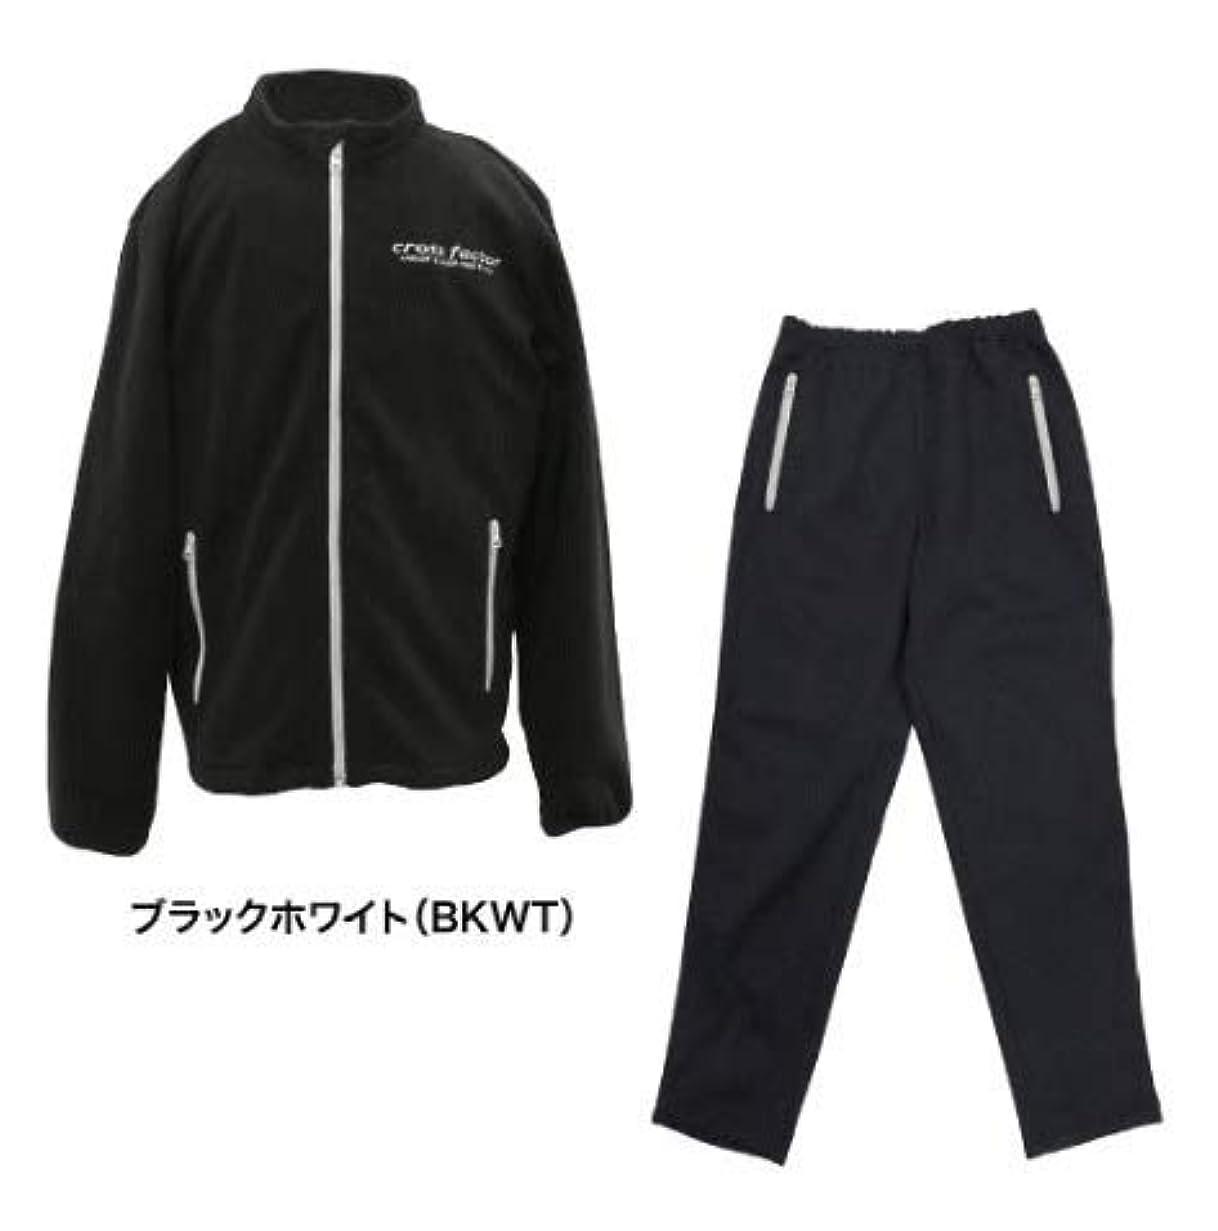 間ジョットディボンドンやる浜田商会 フリースジップウェア(上下セット) WBC1533 ブラックホワイト L